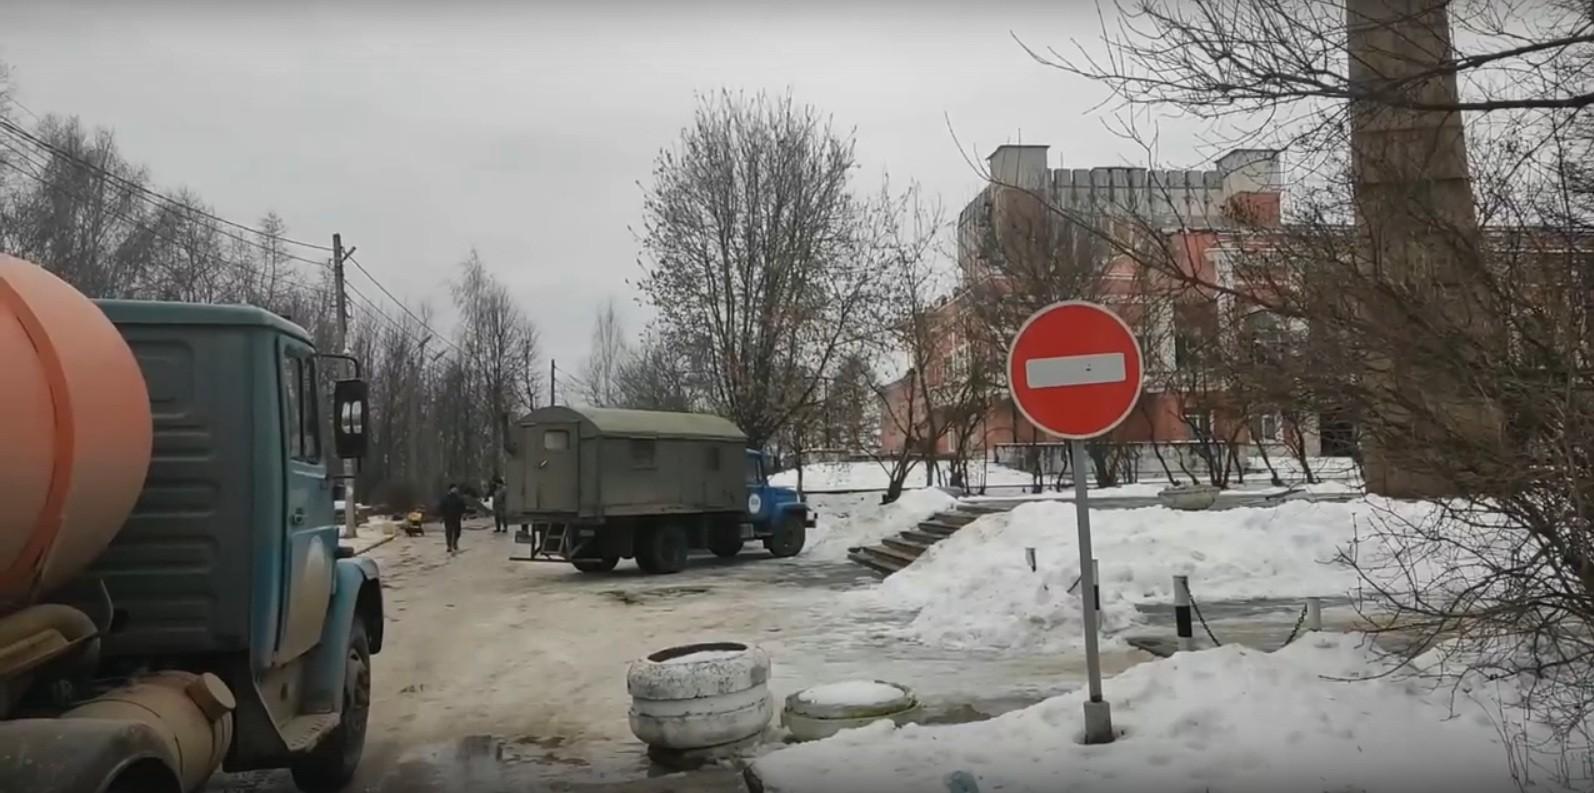 Канализация и театр: утечка угрожает искусству в Тверской области